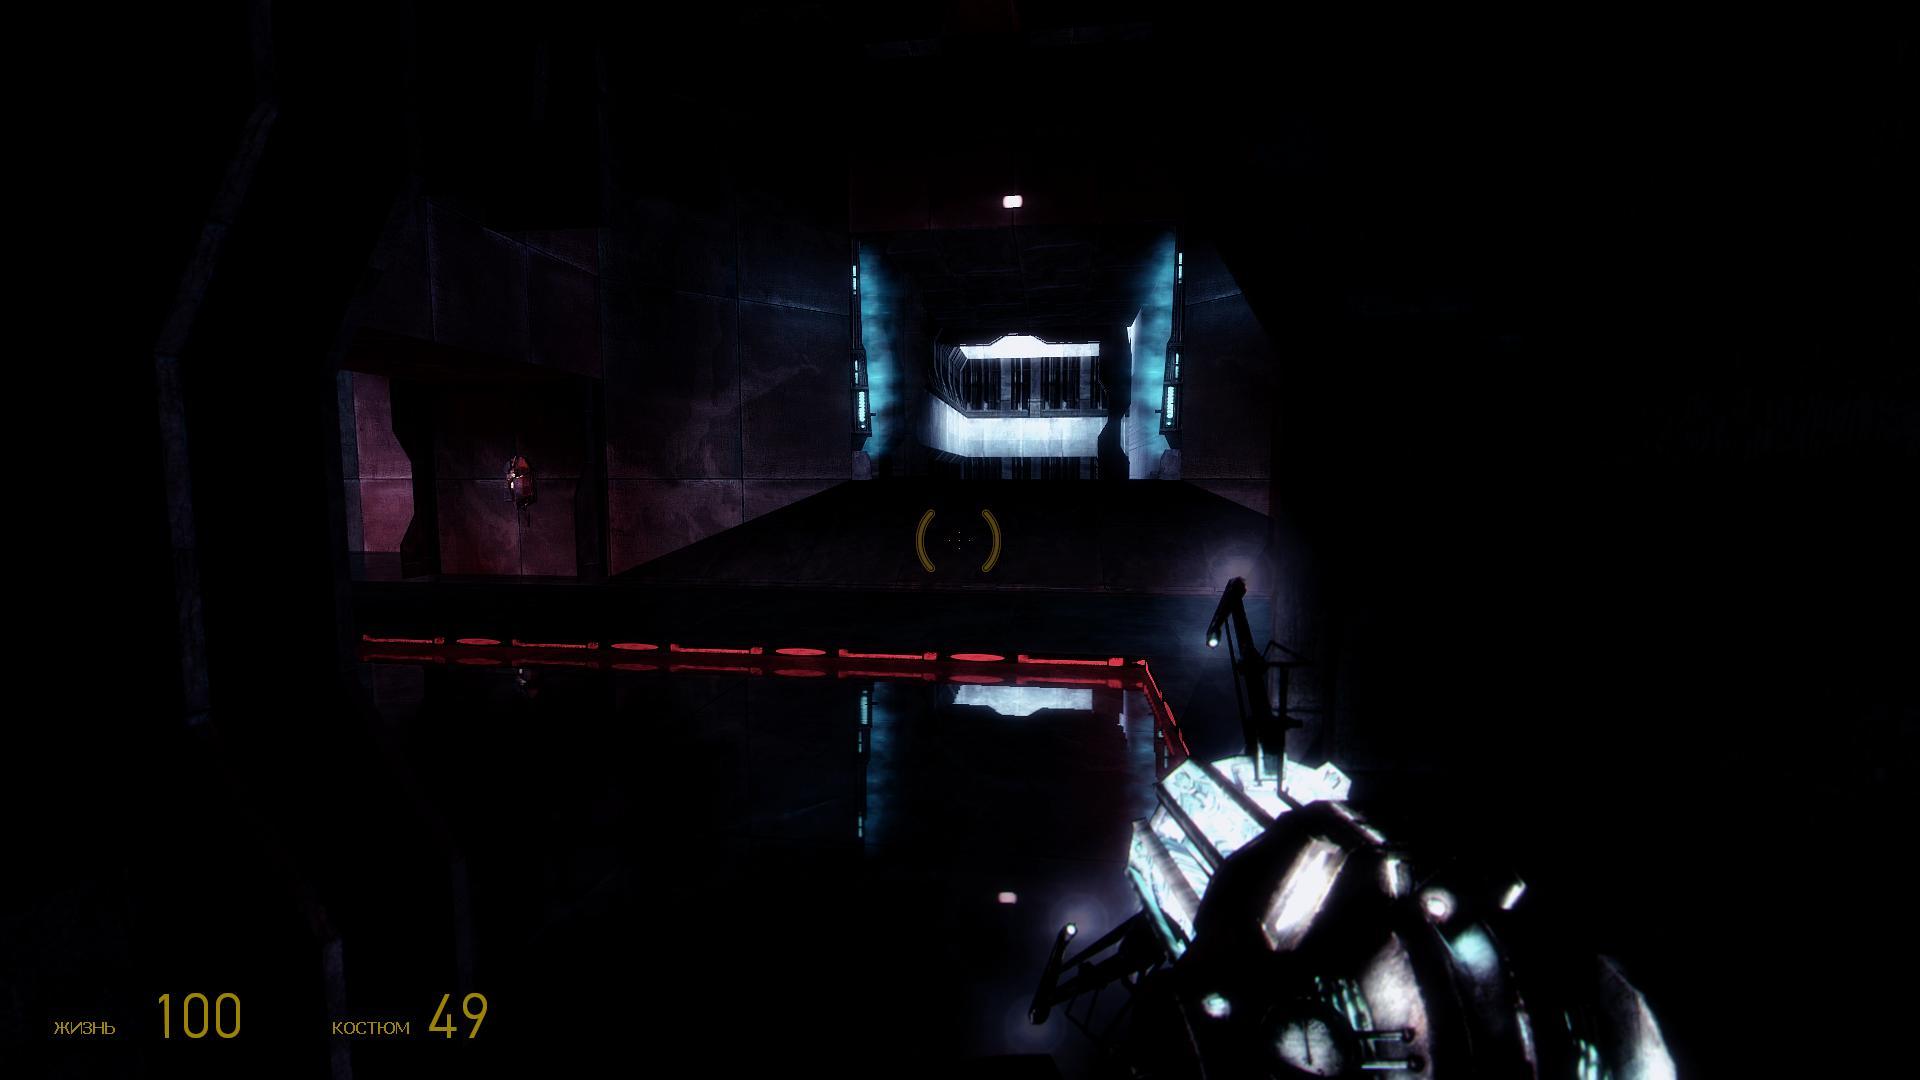 Half-Life 2 2018-09-06 21-54-46-30.jpg - Half-Life 2